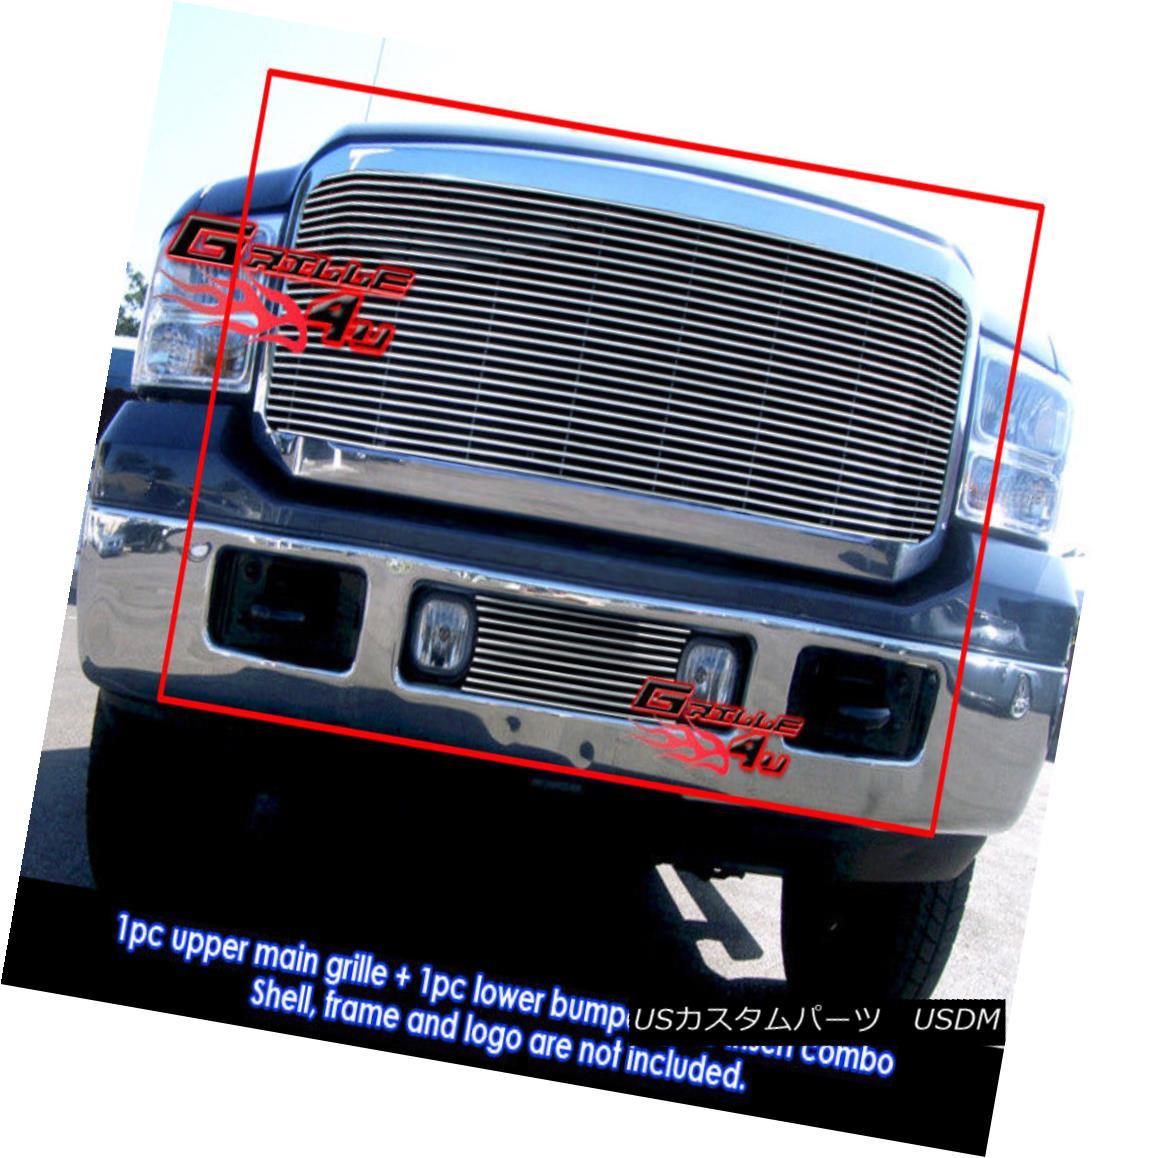 グリル 05-07 Ford F-250/F-350/F-450/F-550/Excursion Billet Grille Grill Combo Insert 05-07 Ford F-250 / F-350 / F-450 / F-550 / Excu rsionビレットグリルグリルコンボインサート